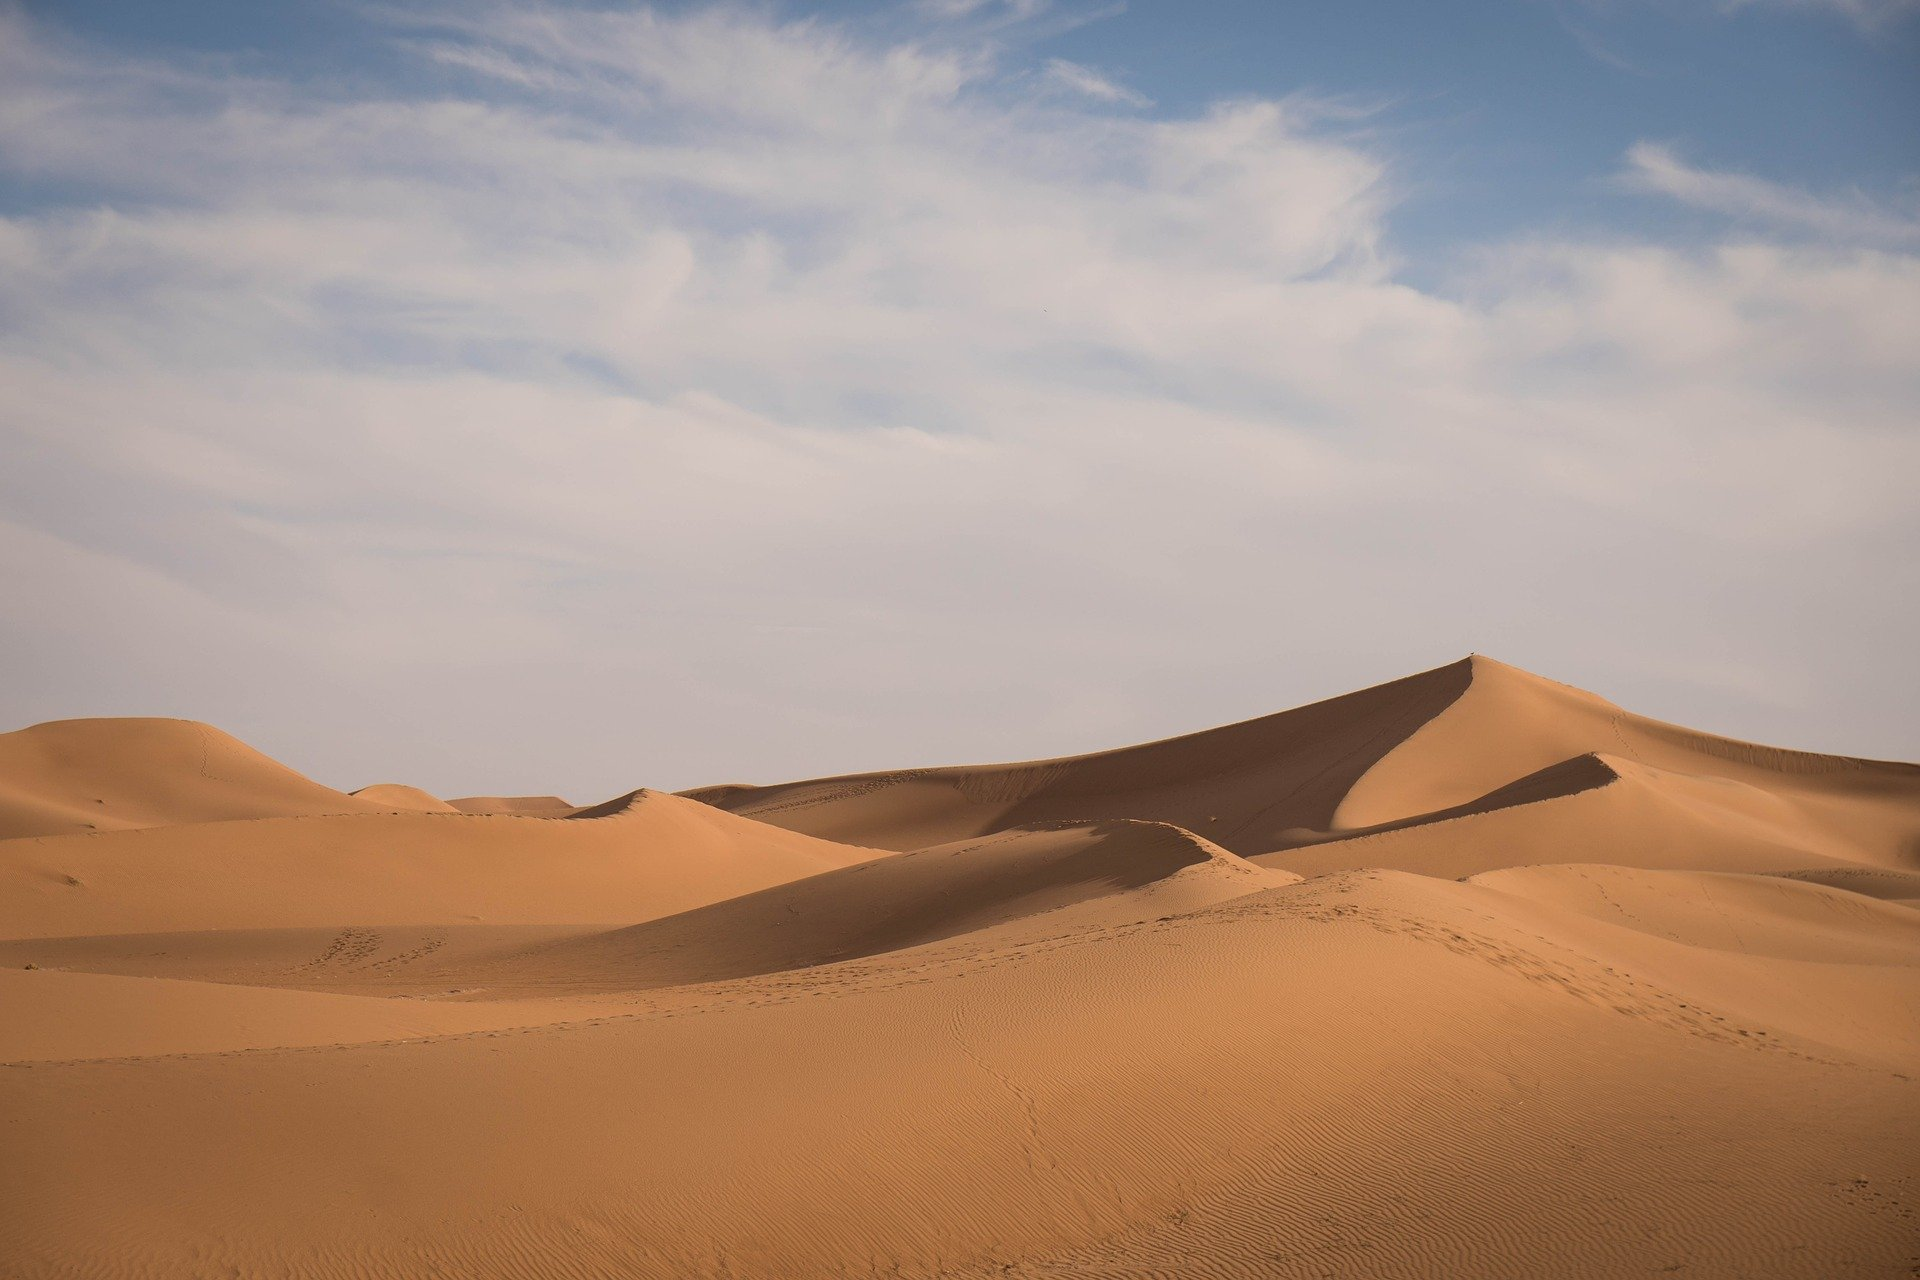 Le désert du Sahara est-il sûr ?